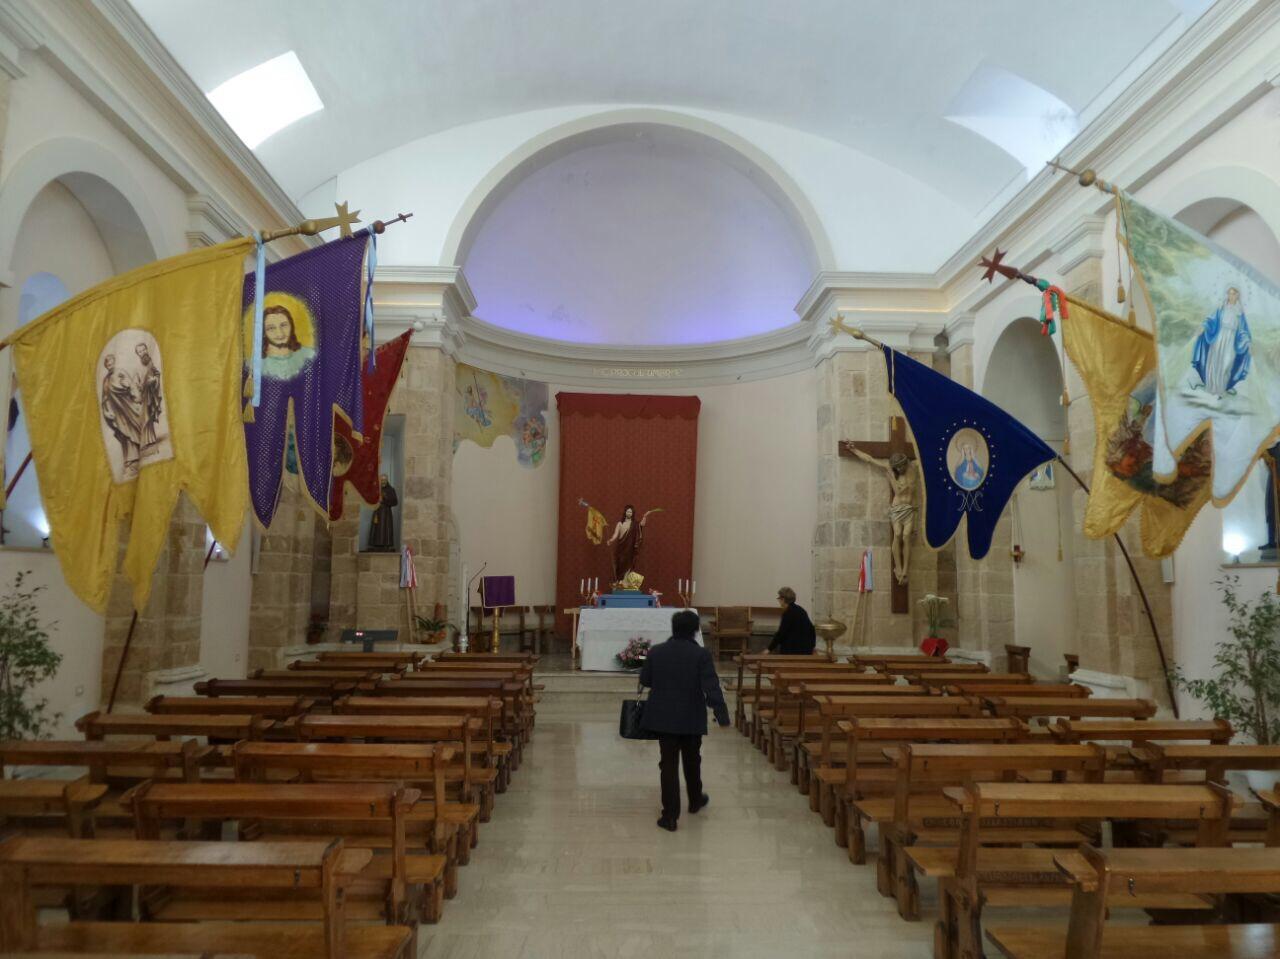 Portopalo di Capo Passero, prega in chiesa ma le fanno sparire la borsa